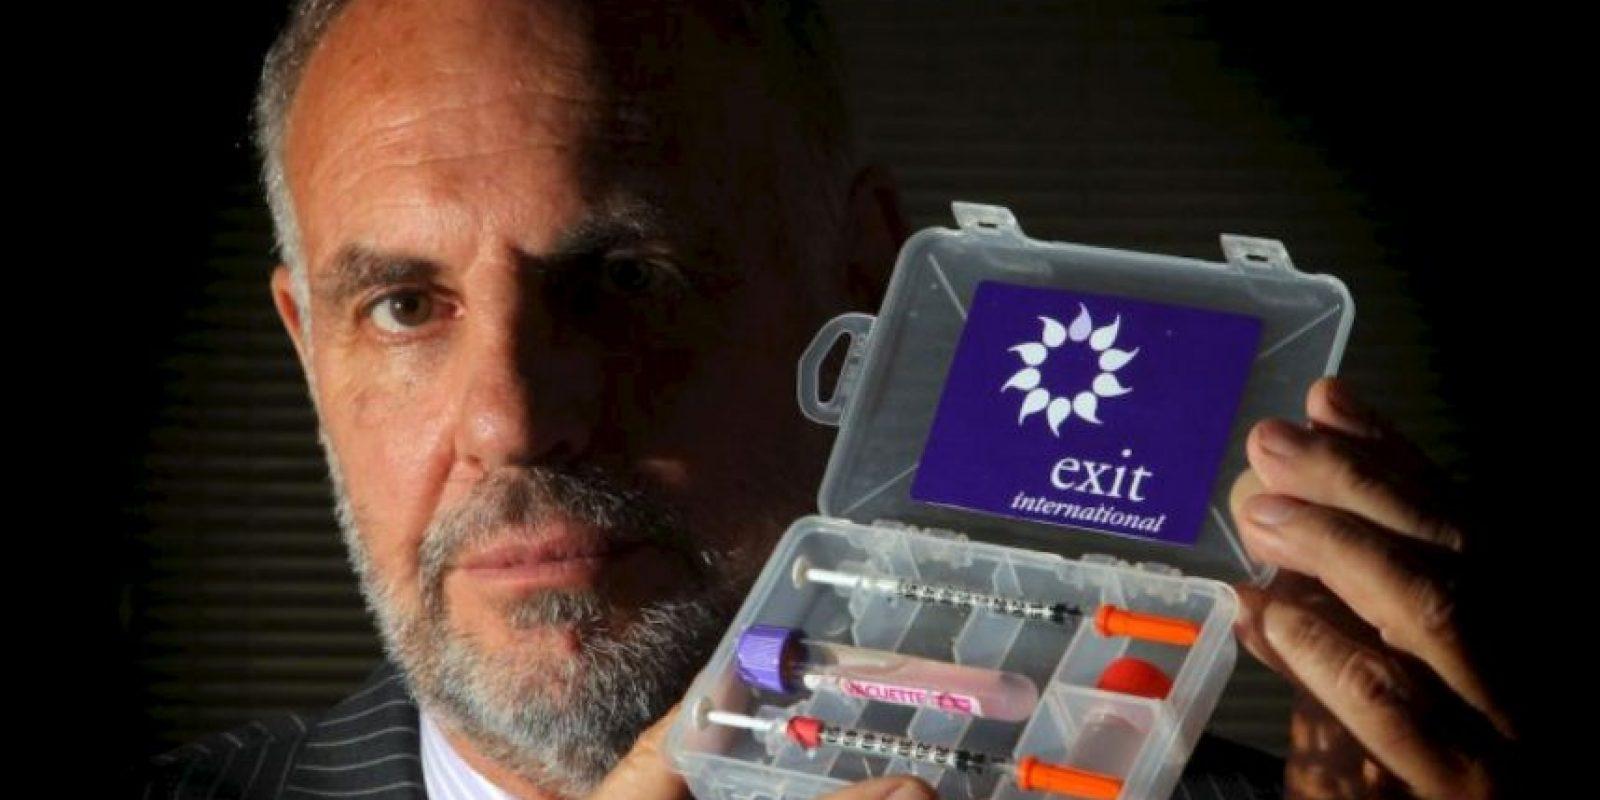 Doctor Philip Nitschke, llamado Dr. Muerte, es uno de los principales promotores de la eutanasia. Foto:vía Getty Images